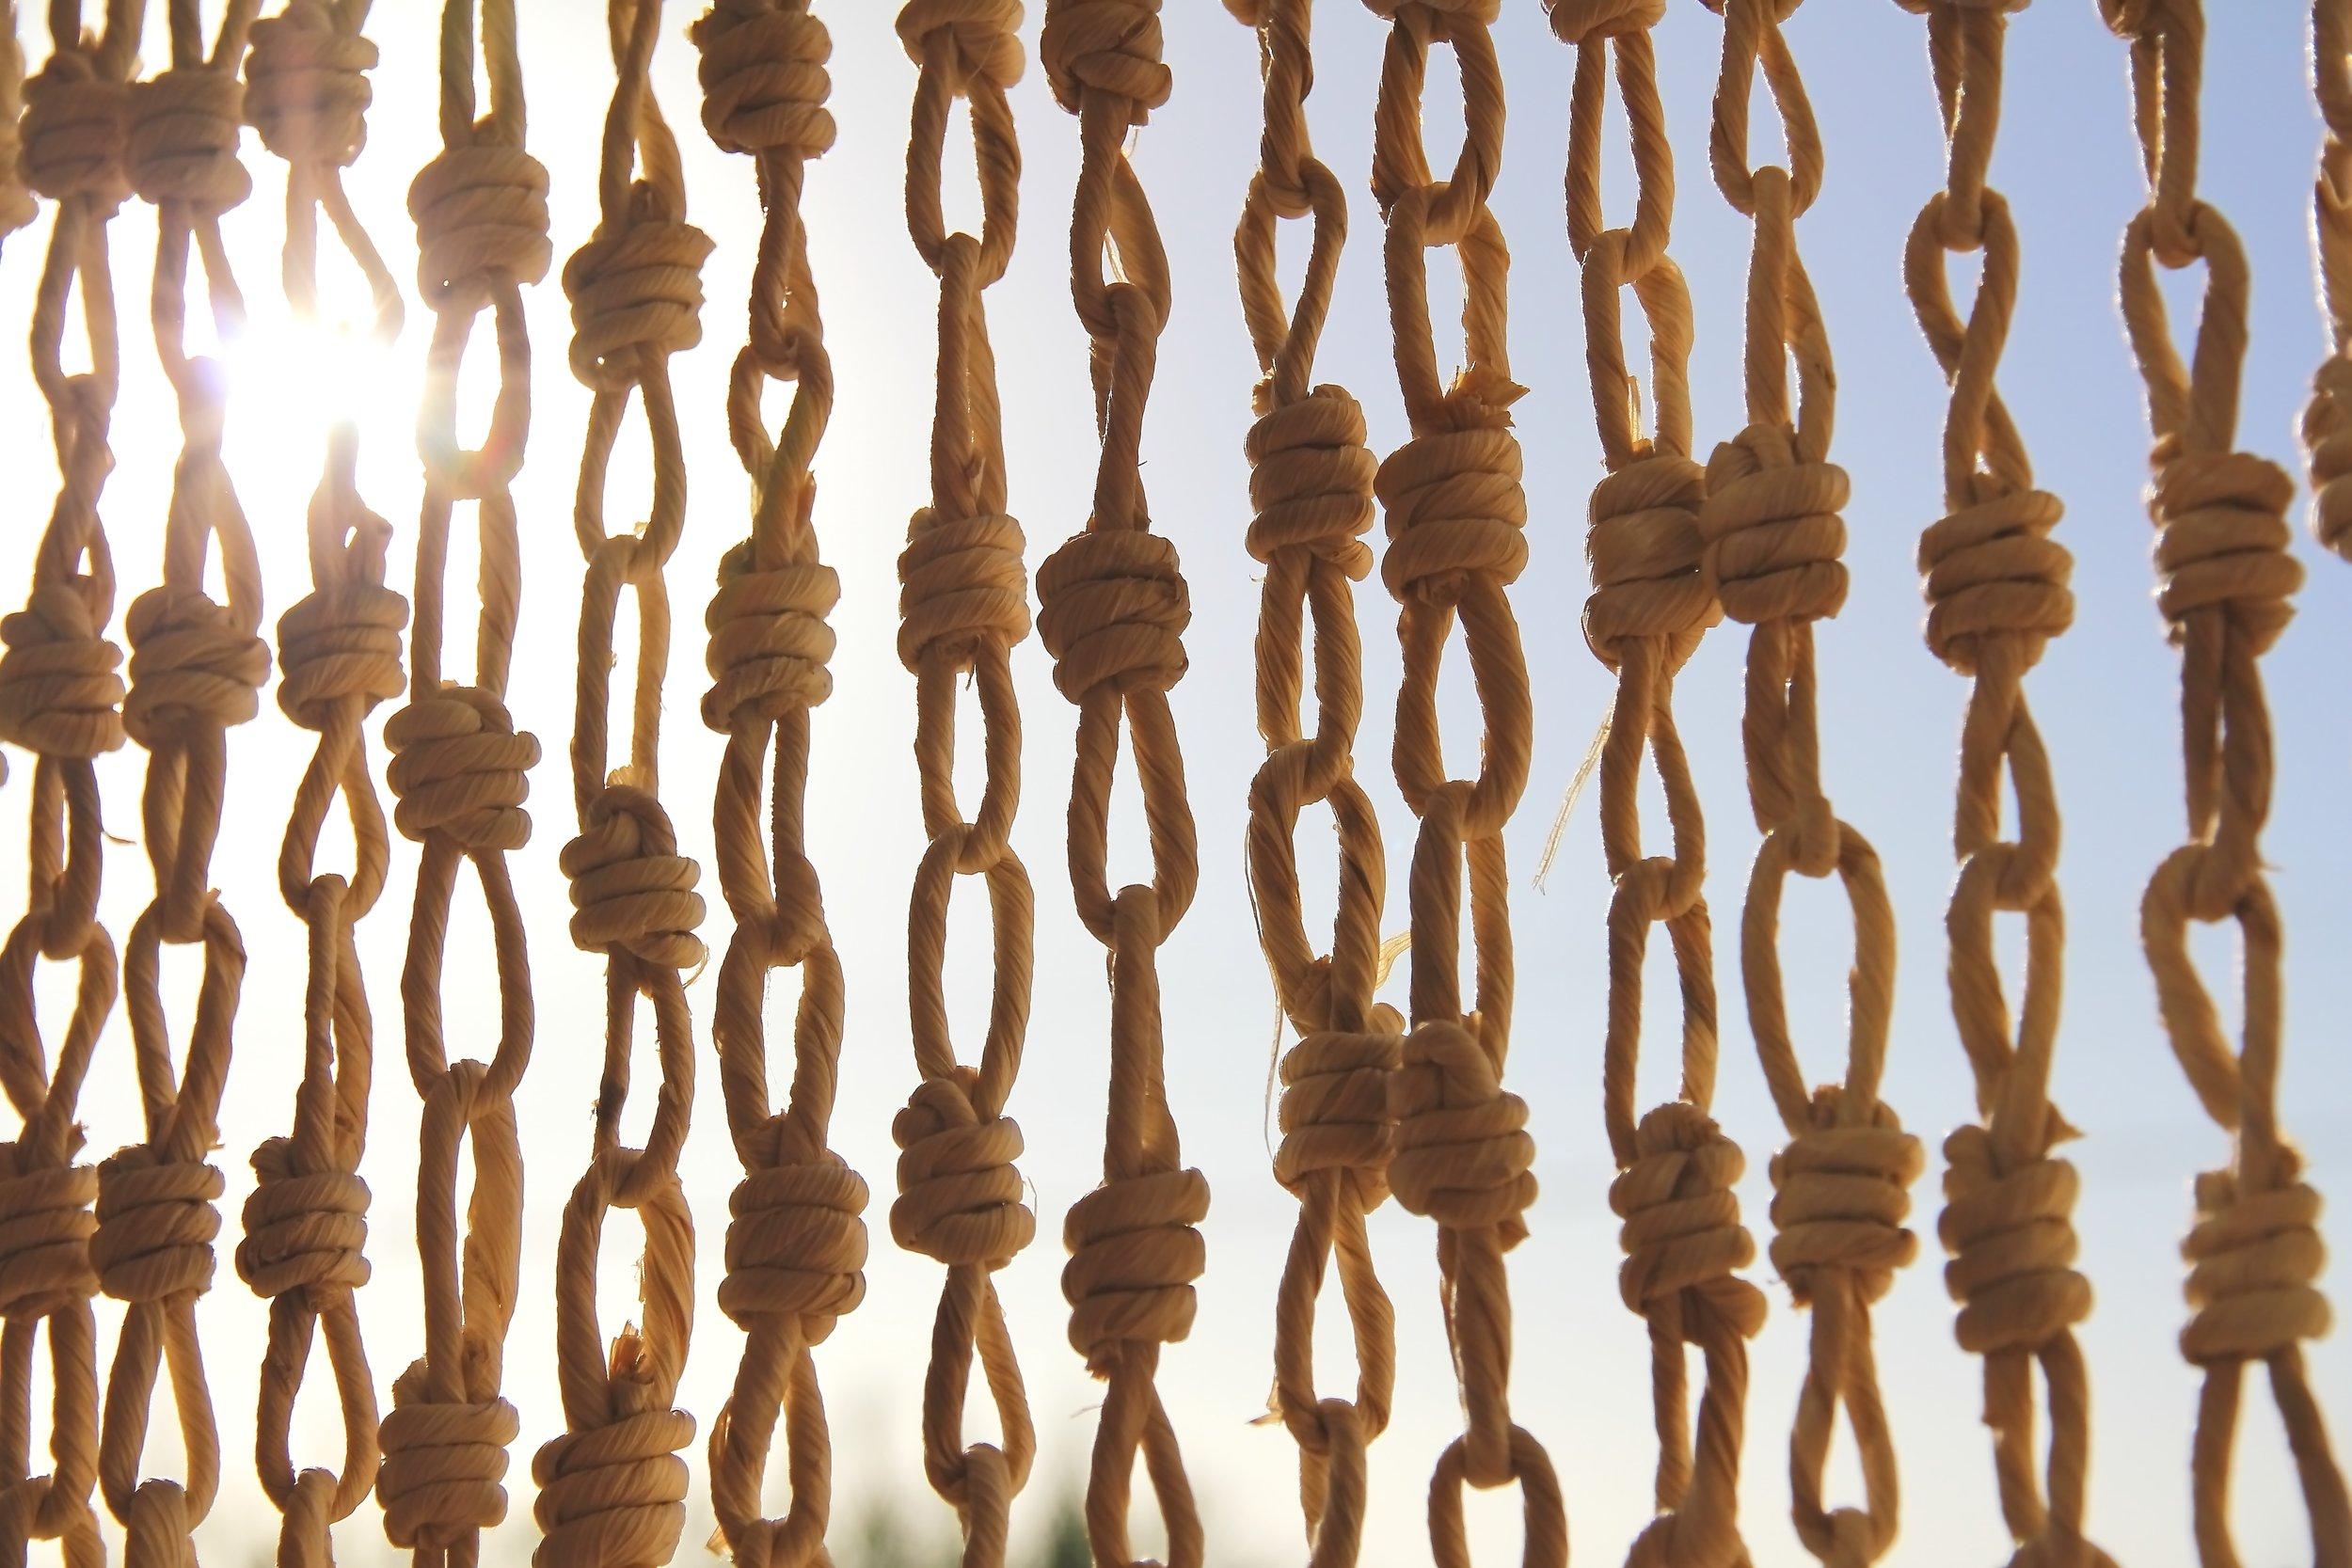 knots-ropes-sky-96081.jpg